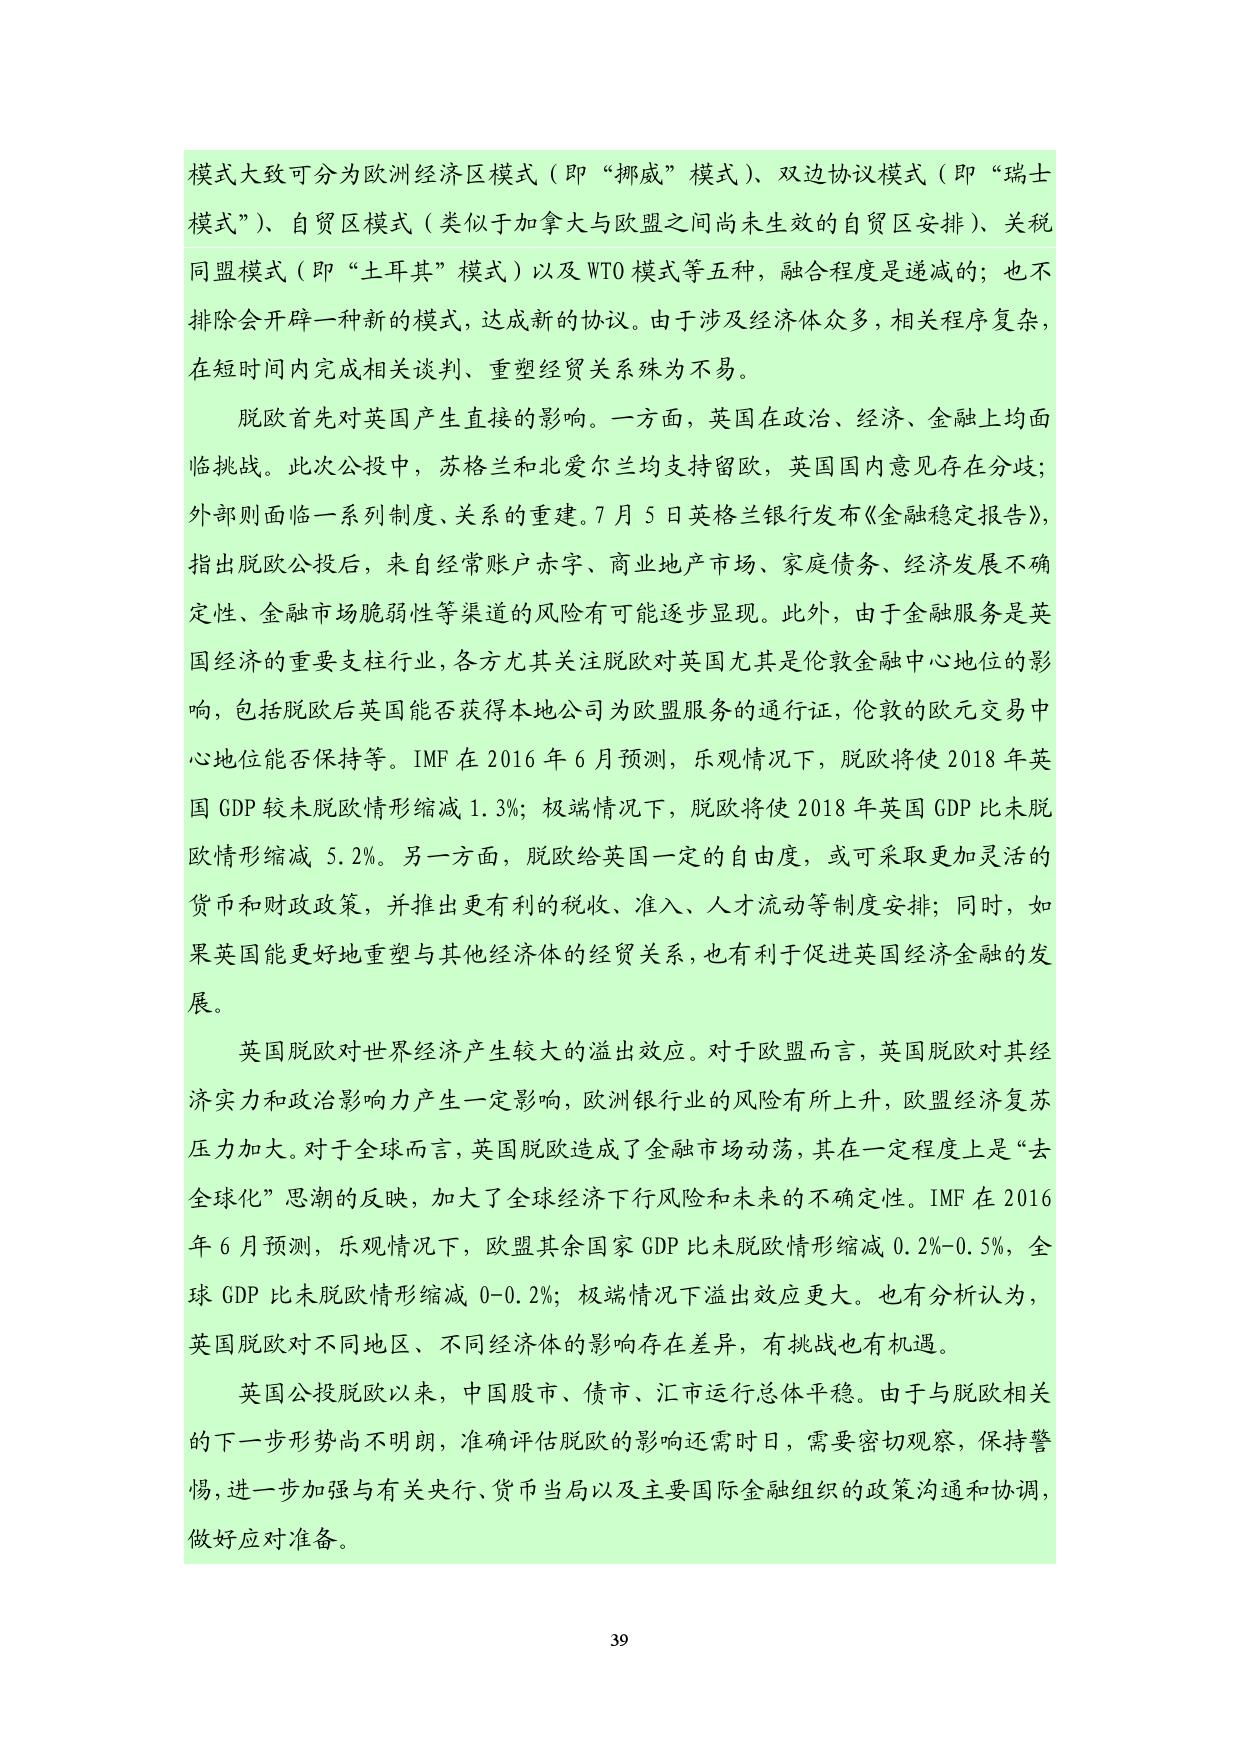 2016年Q2中国货币政策执行报告_000045